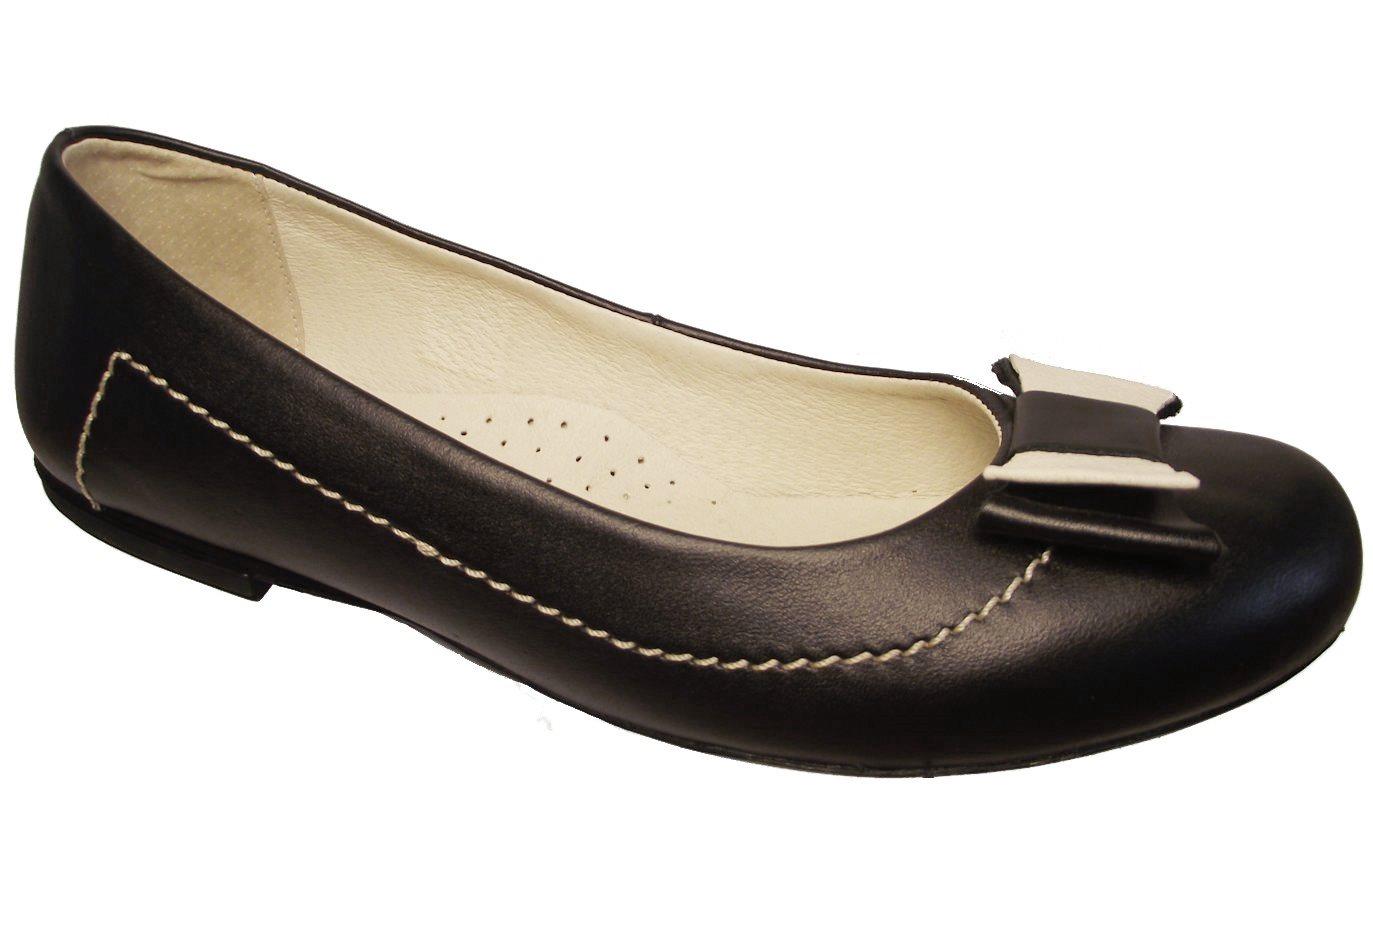 Dámské kožené baleríny Kira 507 černé Velikost: 37 (EU)